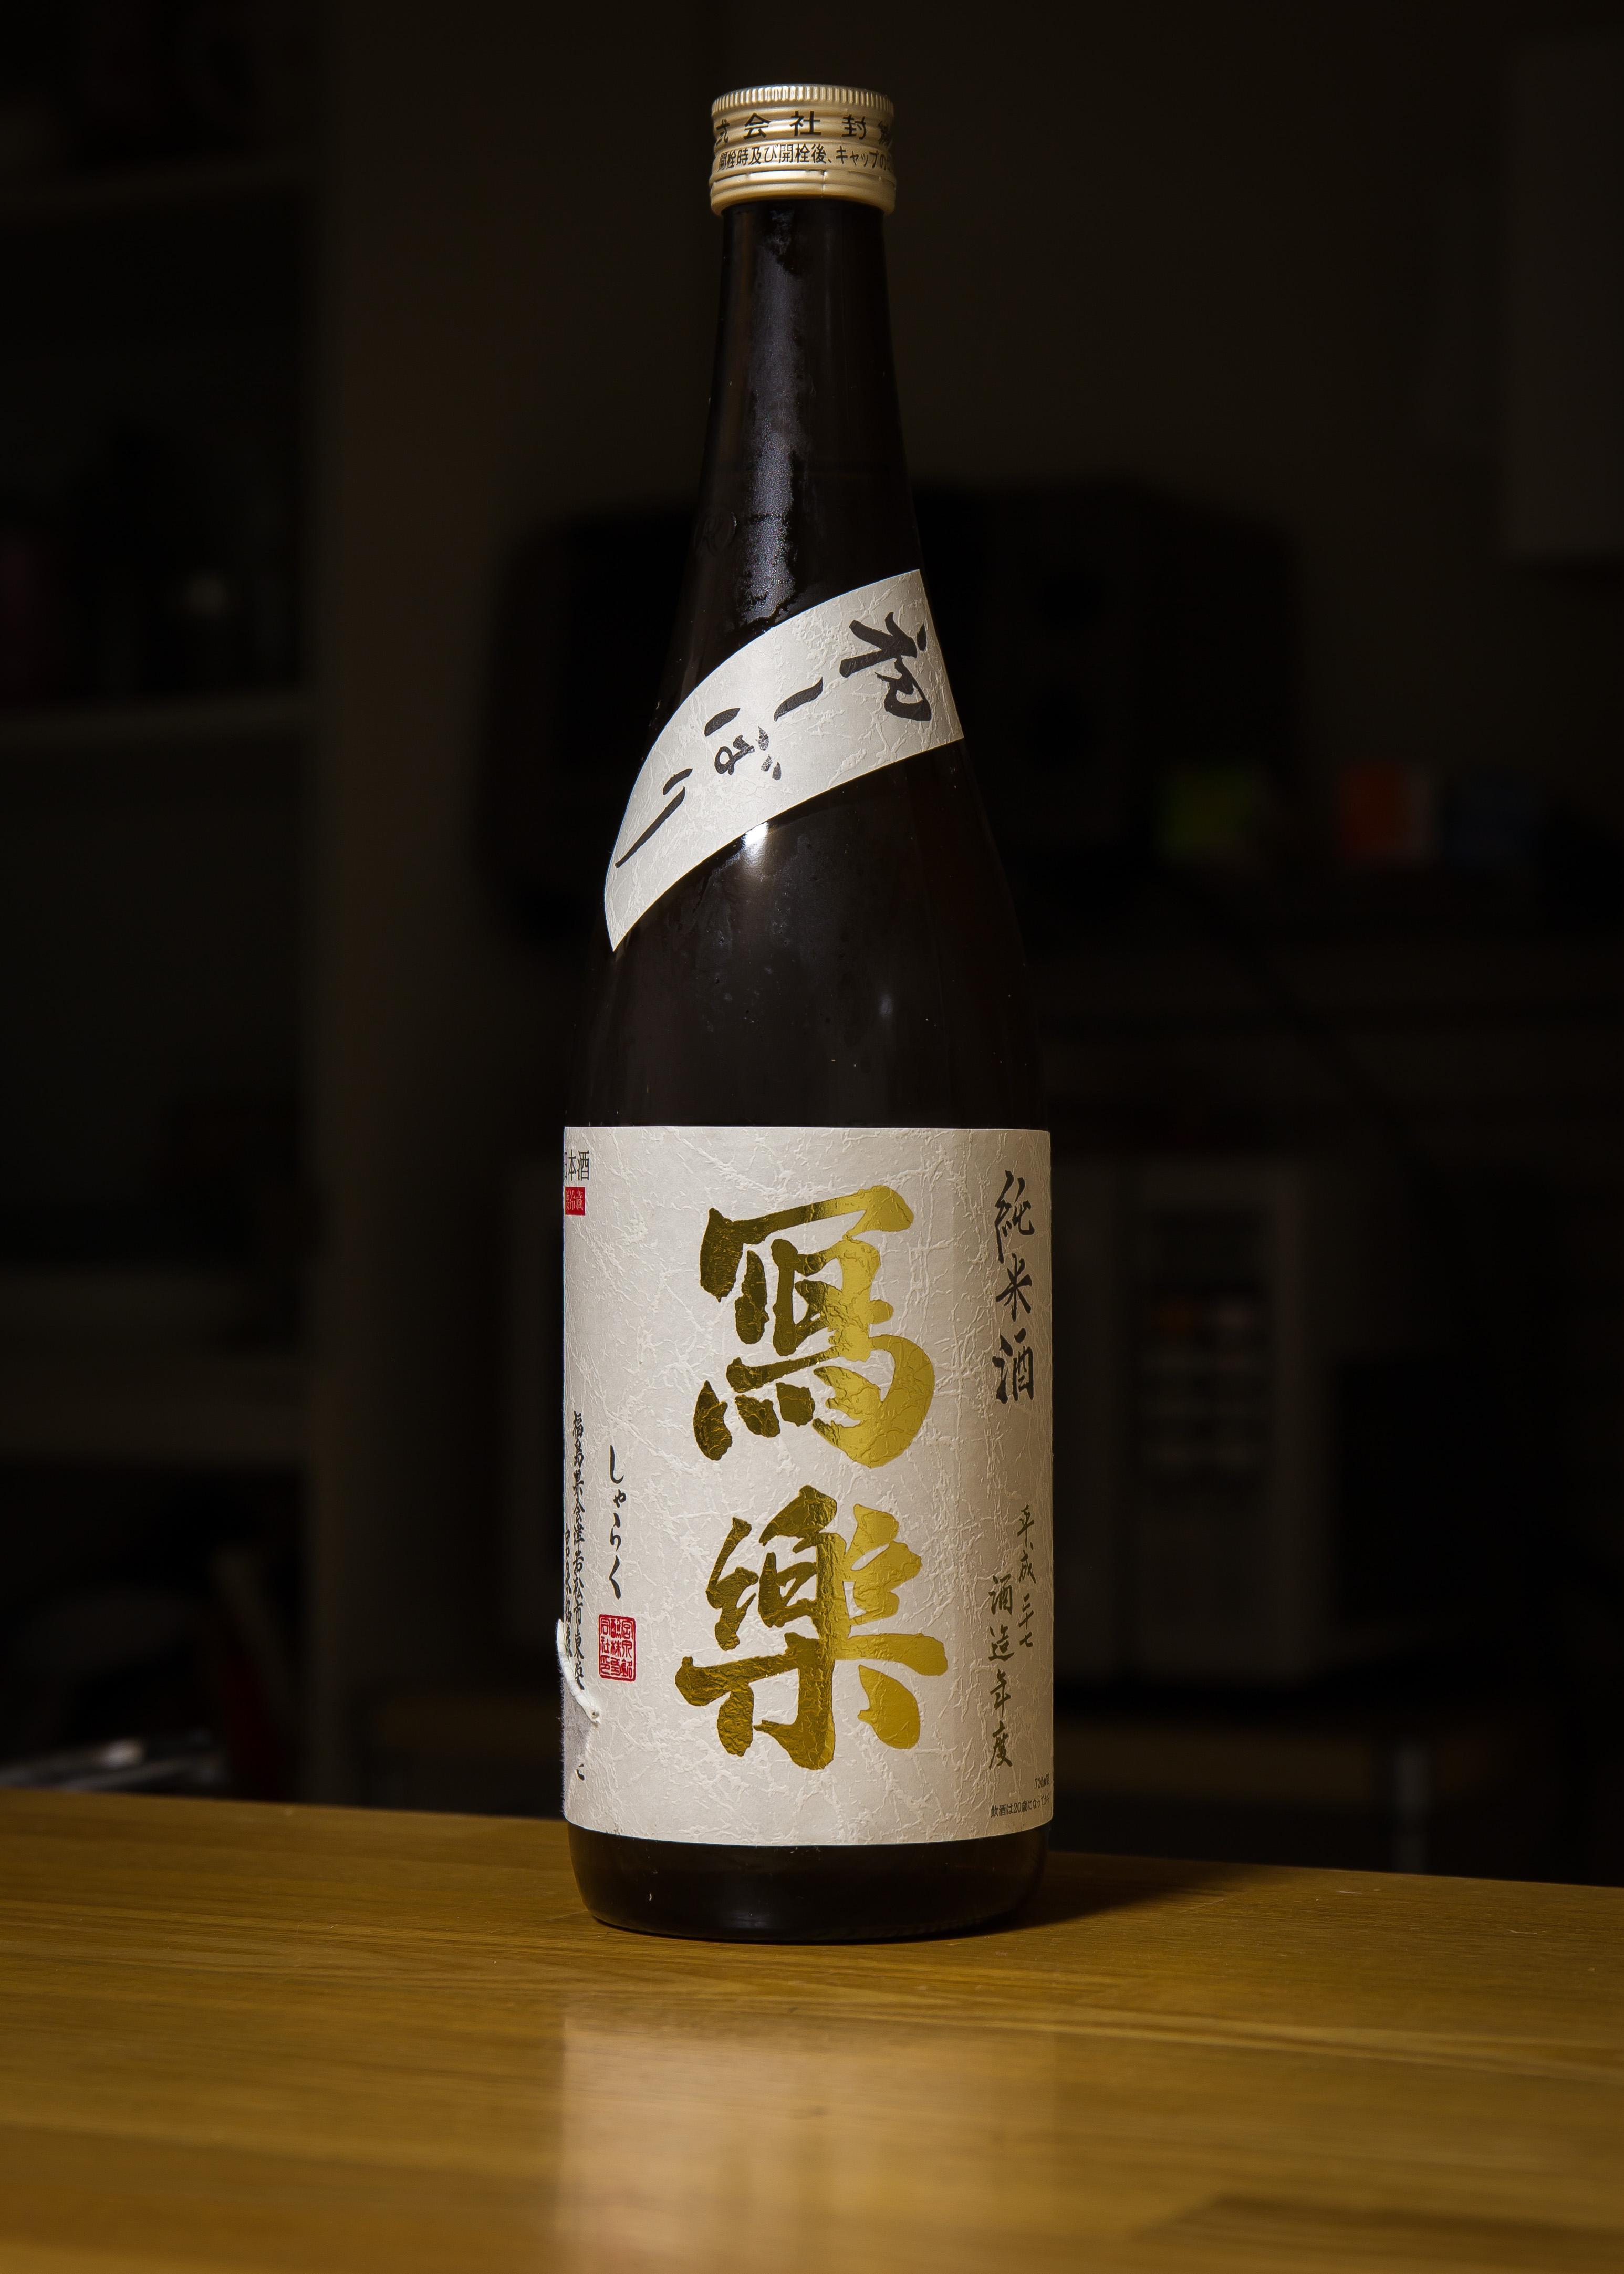 晩酌ダイジェスト2015年末(1)